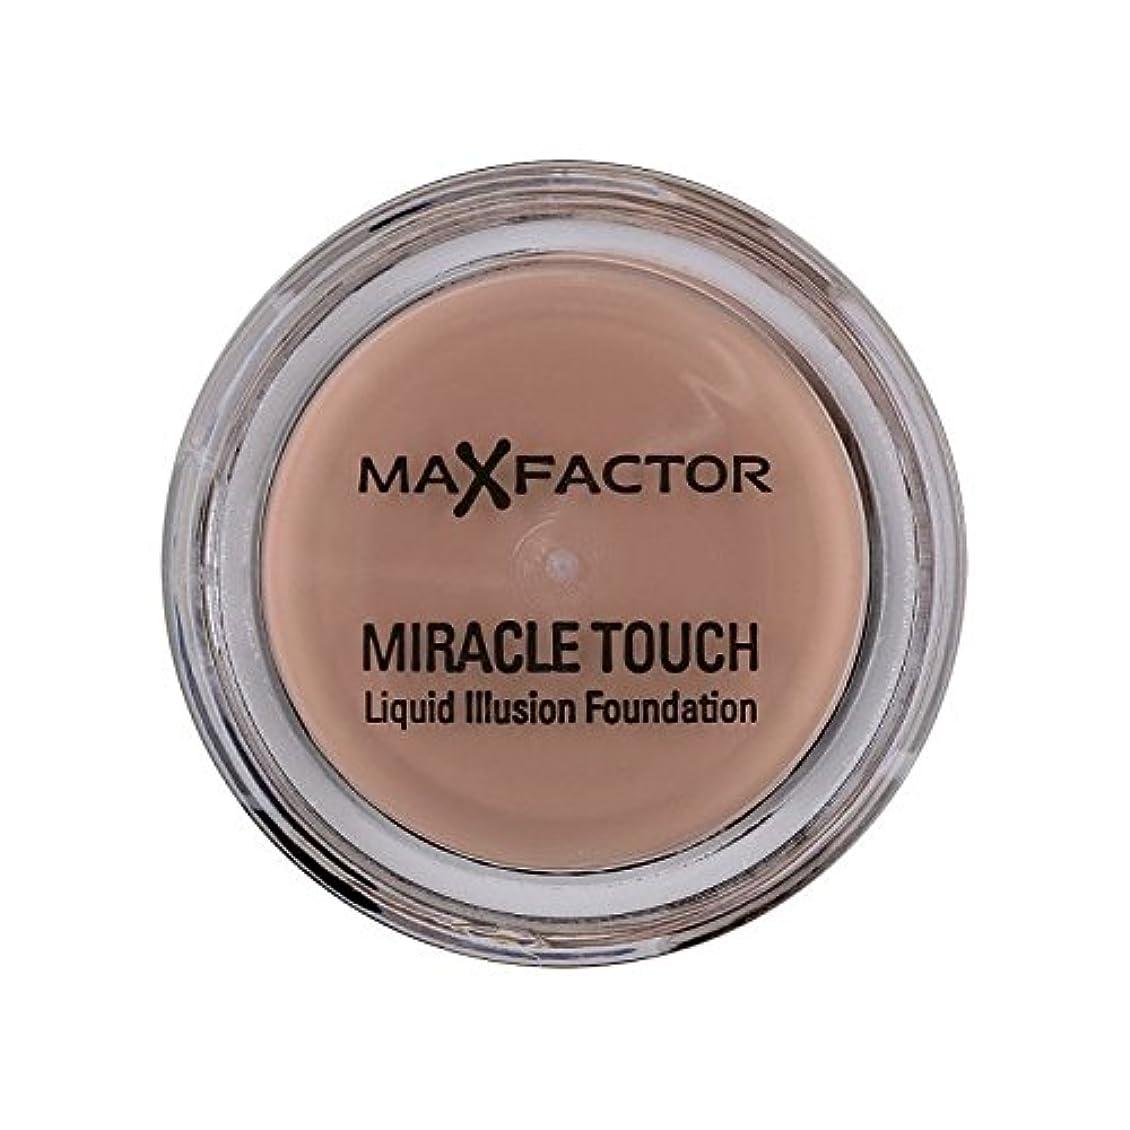 慎重にフォーラムビザマックスファクターの奇跡のタッチ基盤の自然70 x4 - Max Factor Miracle Touch Foundation Natural 70 (Pack of 4) [並行輸入品]